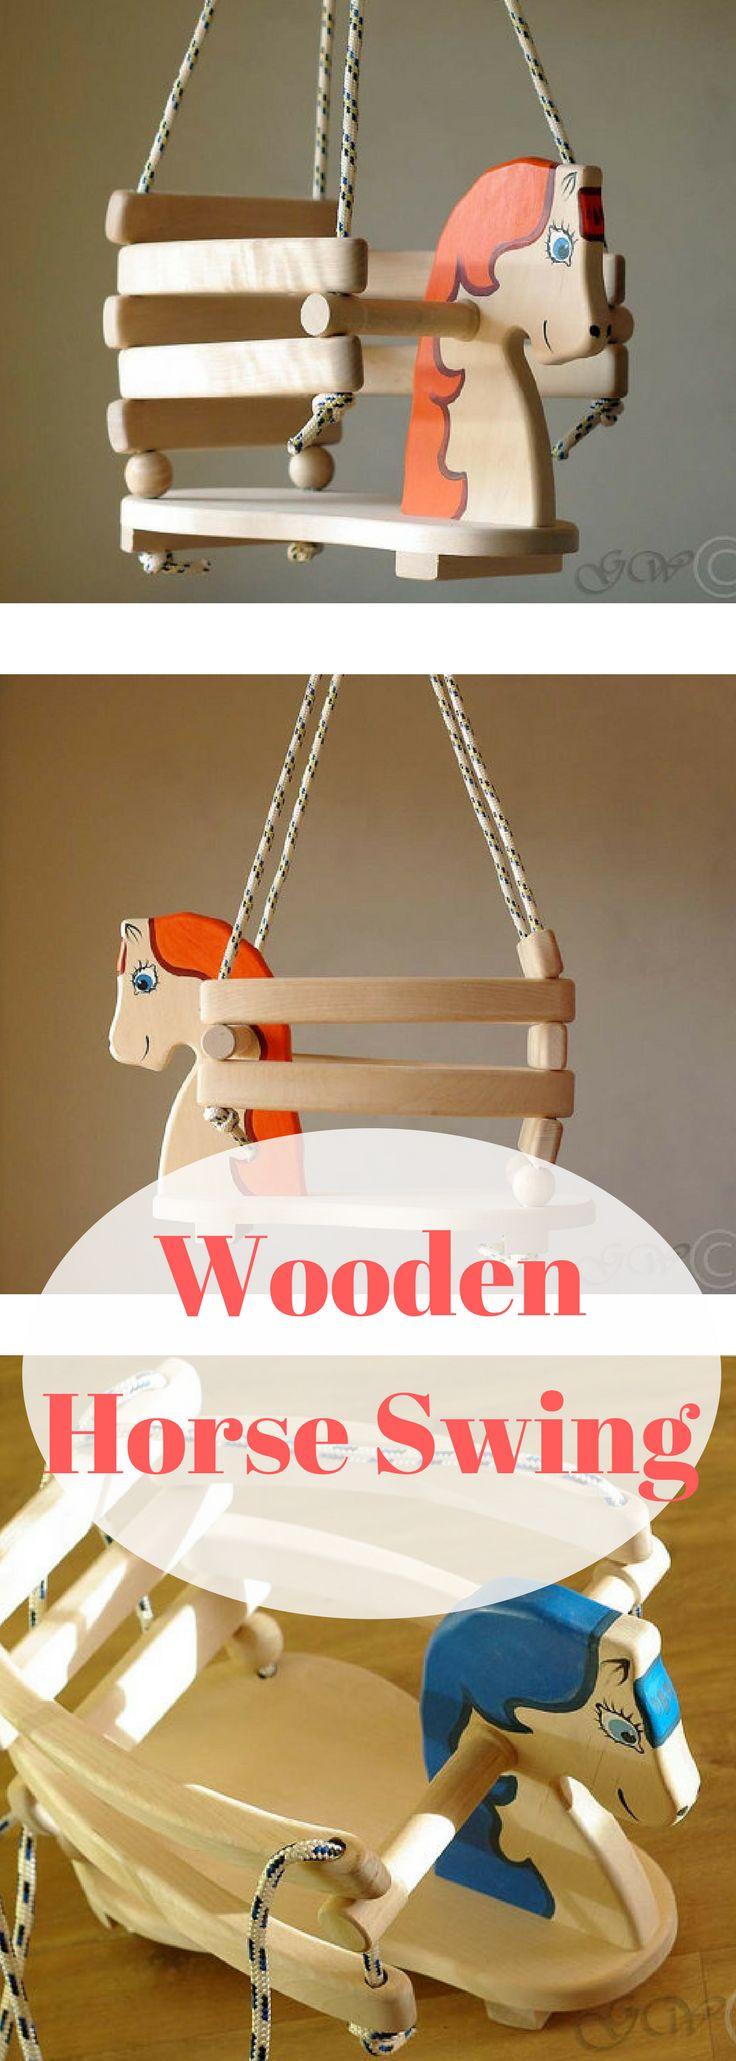 Wooden horse swing free patterns - Best 25 Wooden Baby Swing Ideas On Pinterest Outdoor Baby Swing Baby Swing Set And Kids Swing Set Ideas